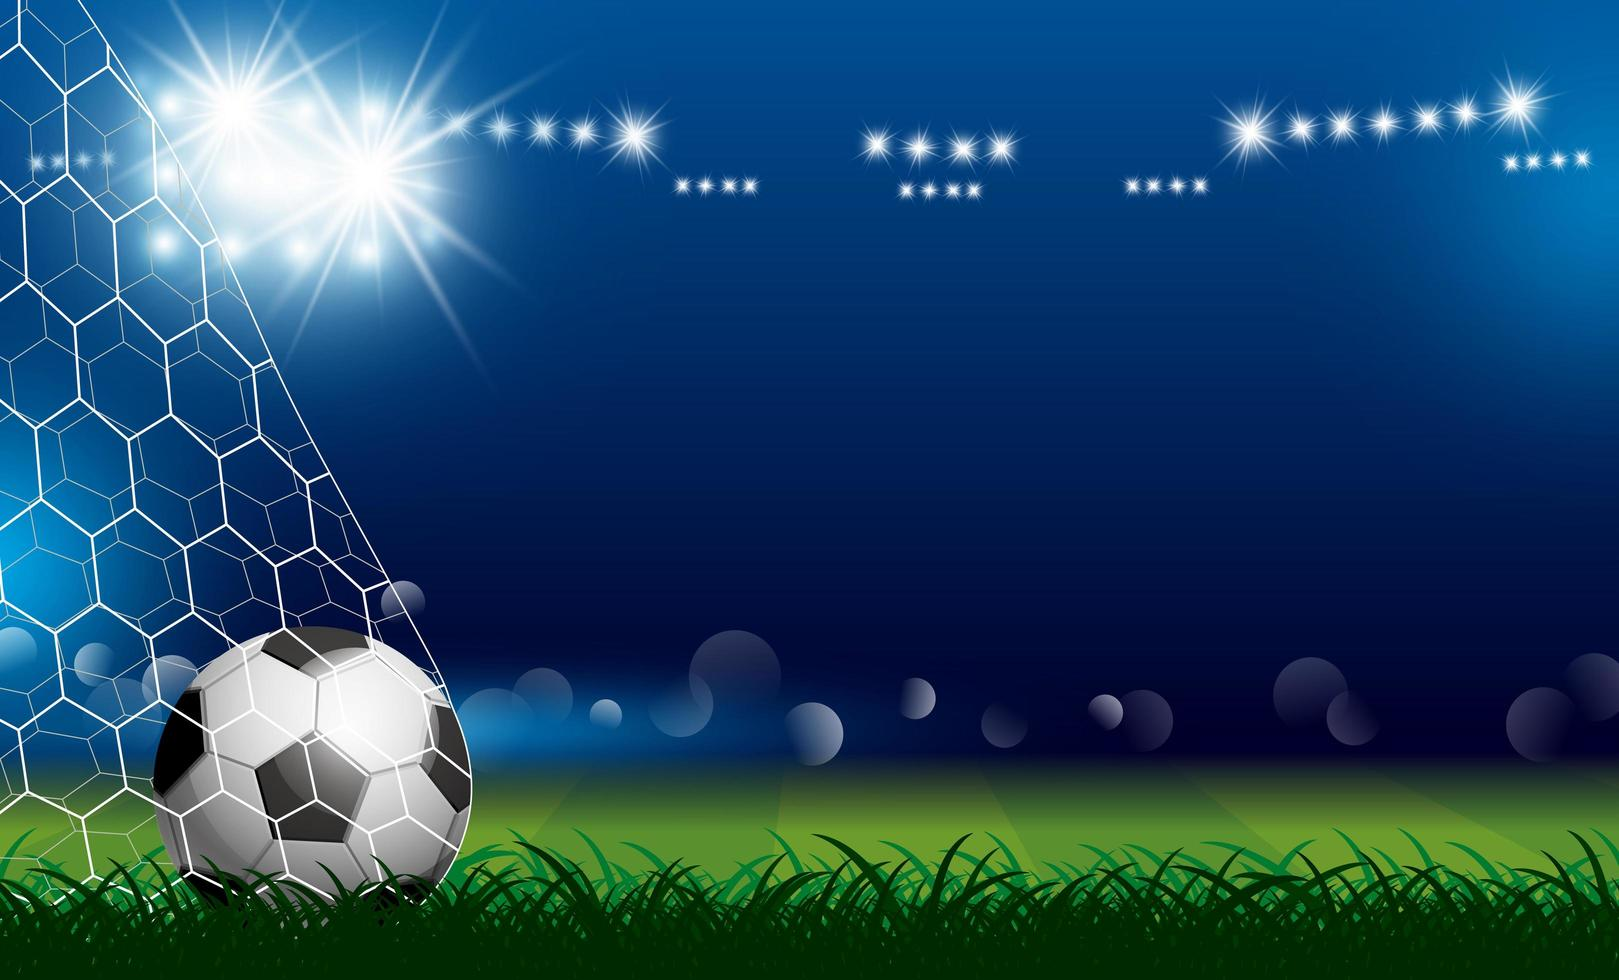 fotboll i mål på gräset vektor